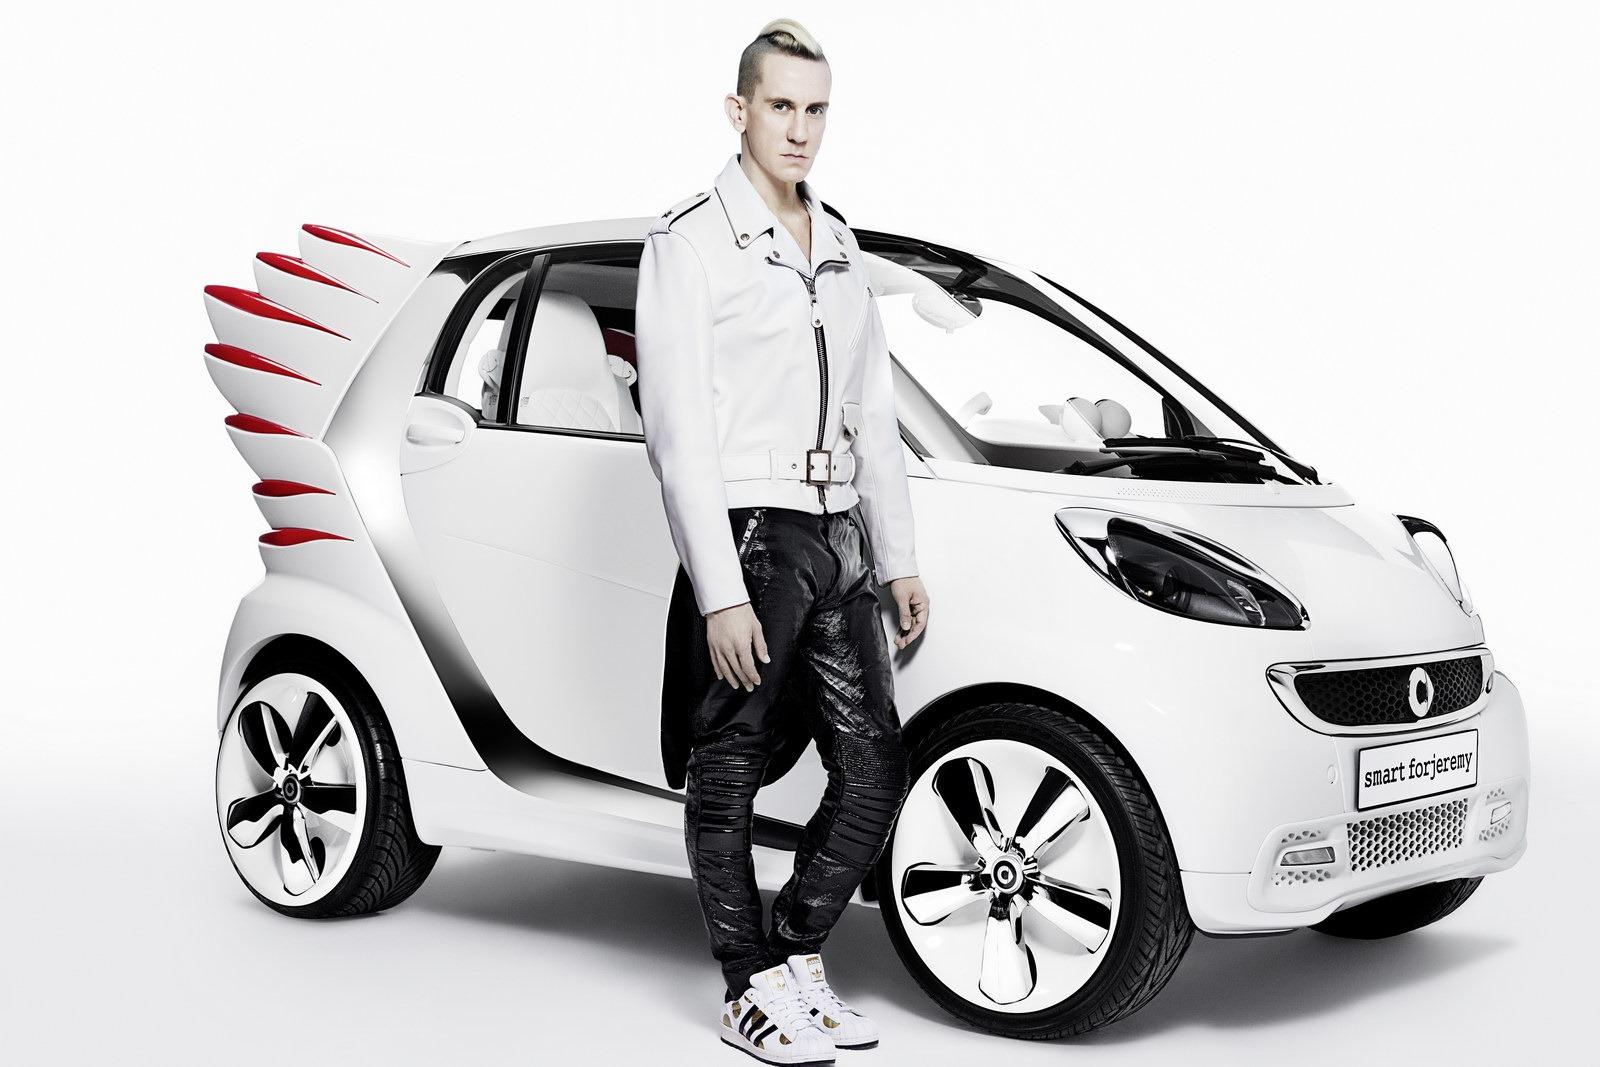 smart_forjeremy_concept_15